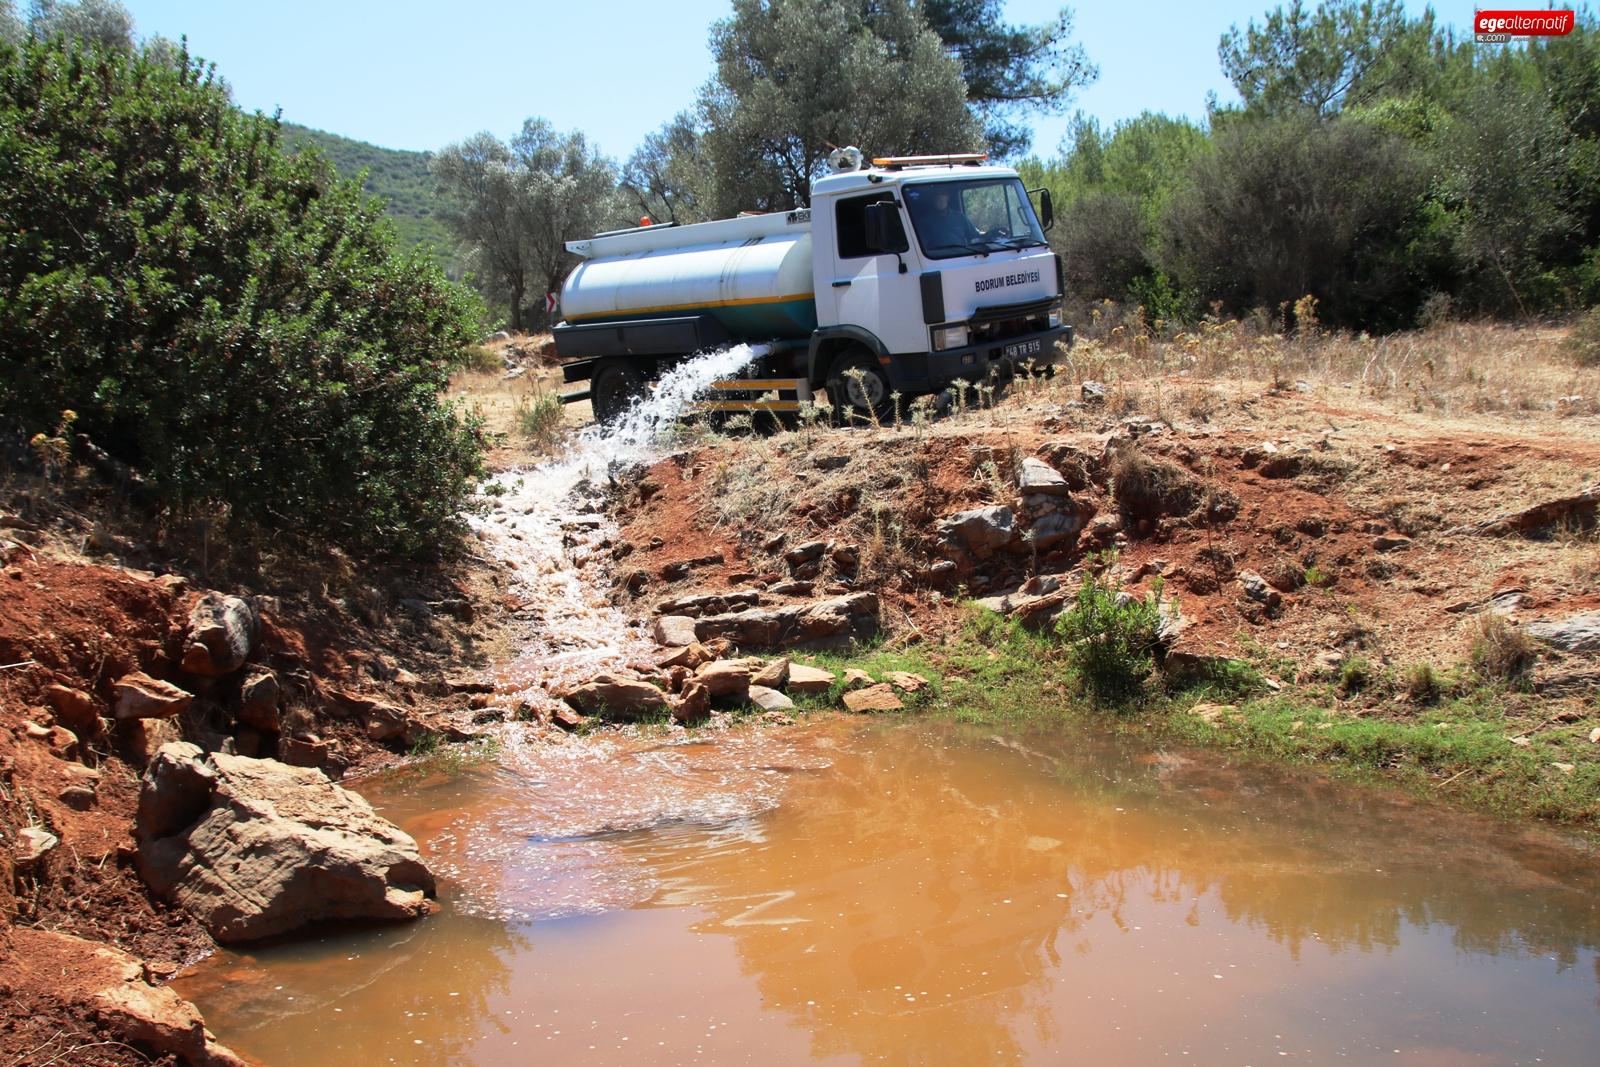 Belediye can suyu olmaya devam ediyor!